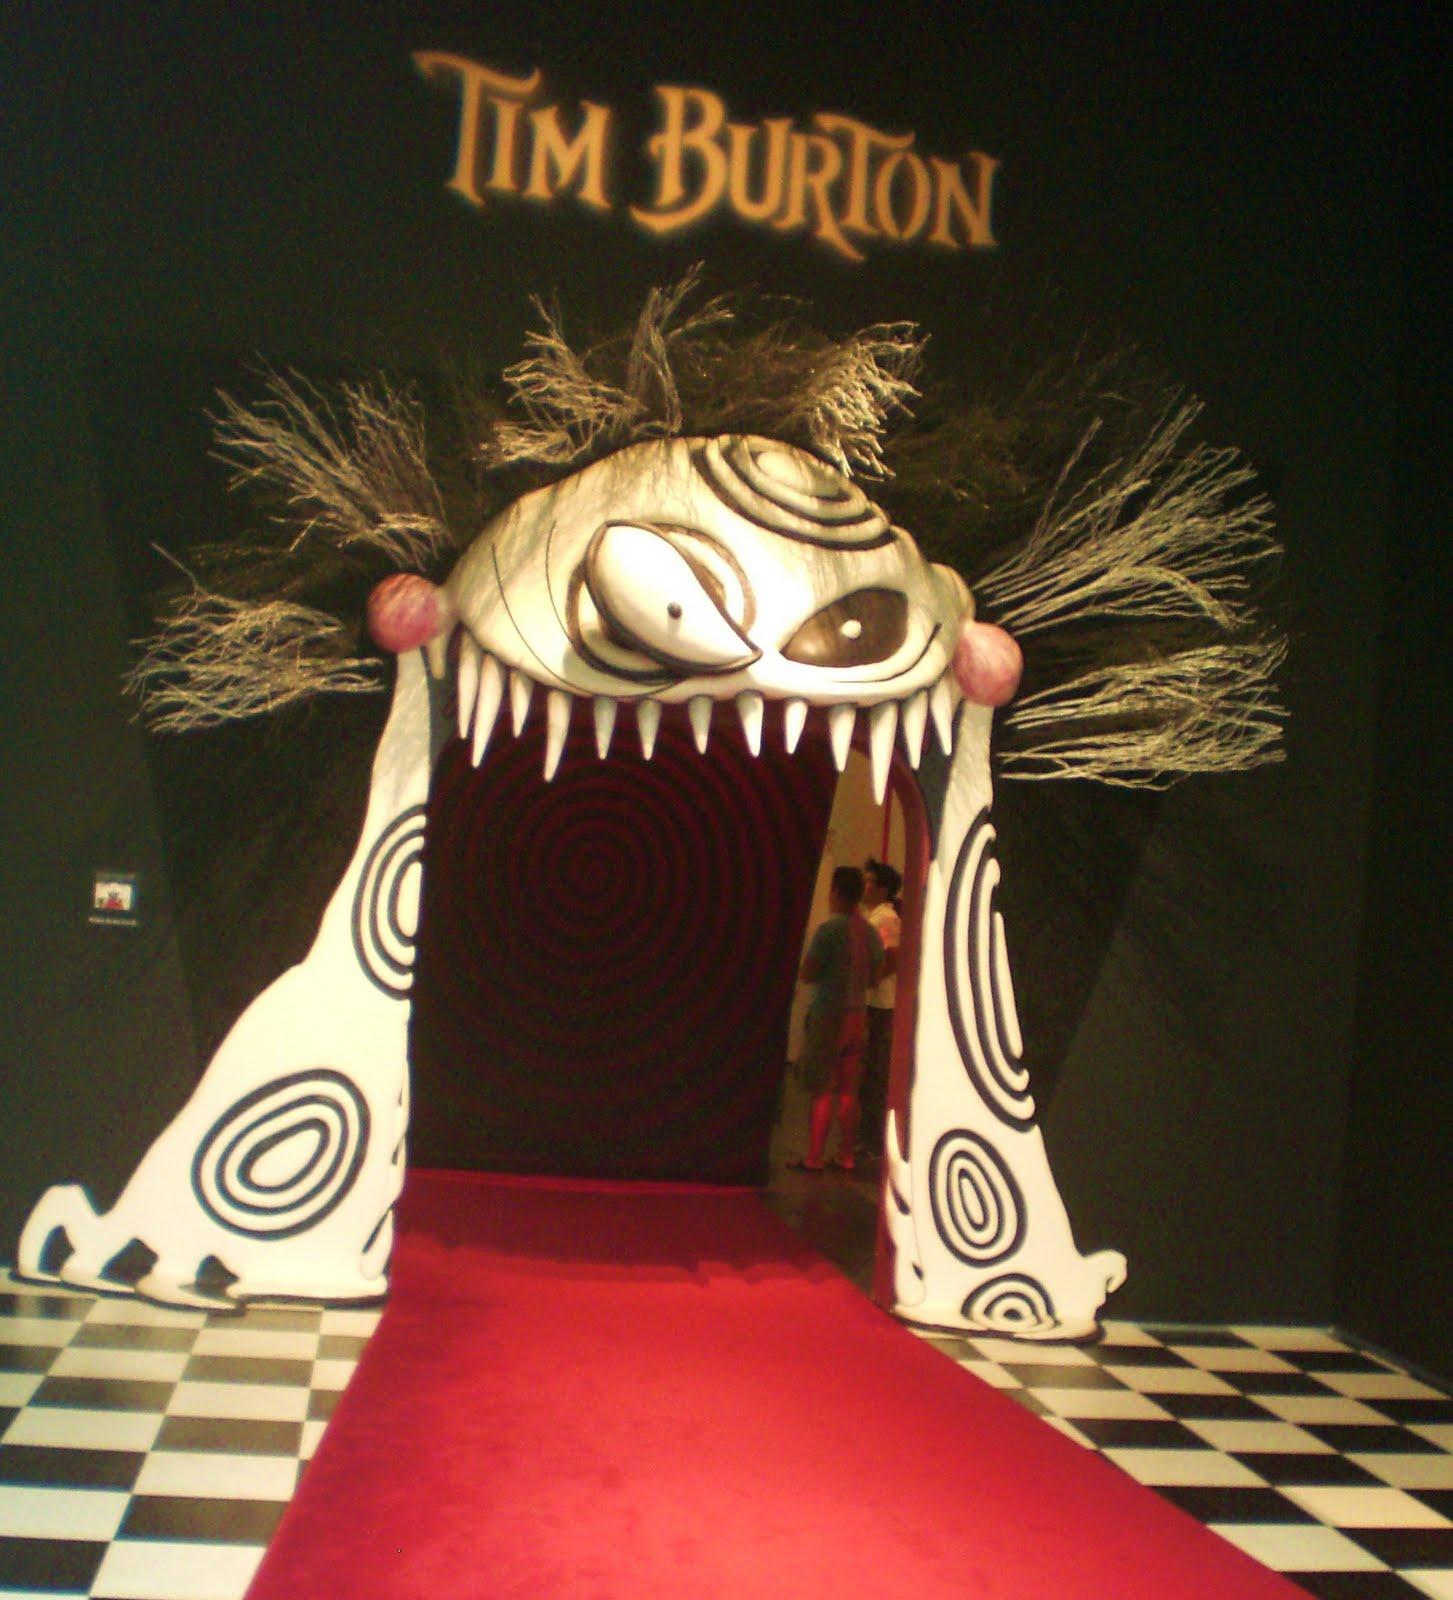 Midnight in the Garden of Evil: Tim Burton Art Exhibit